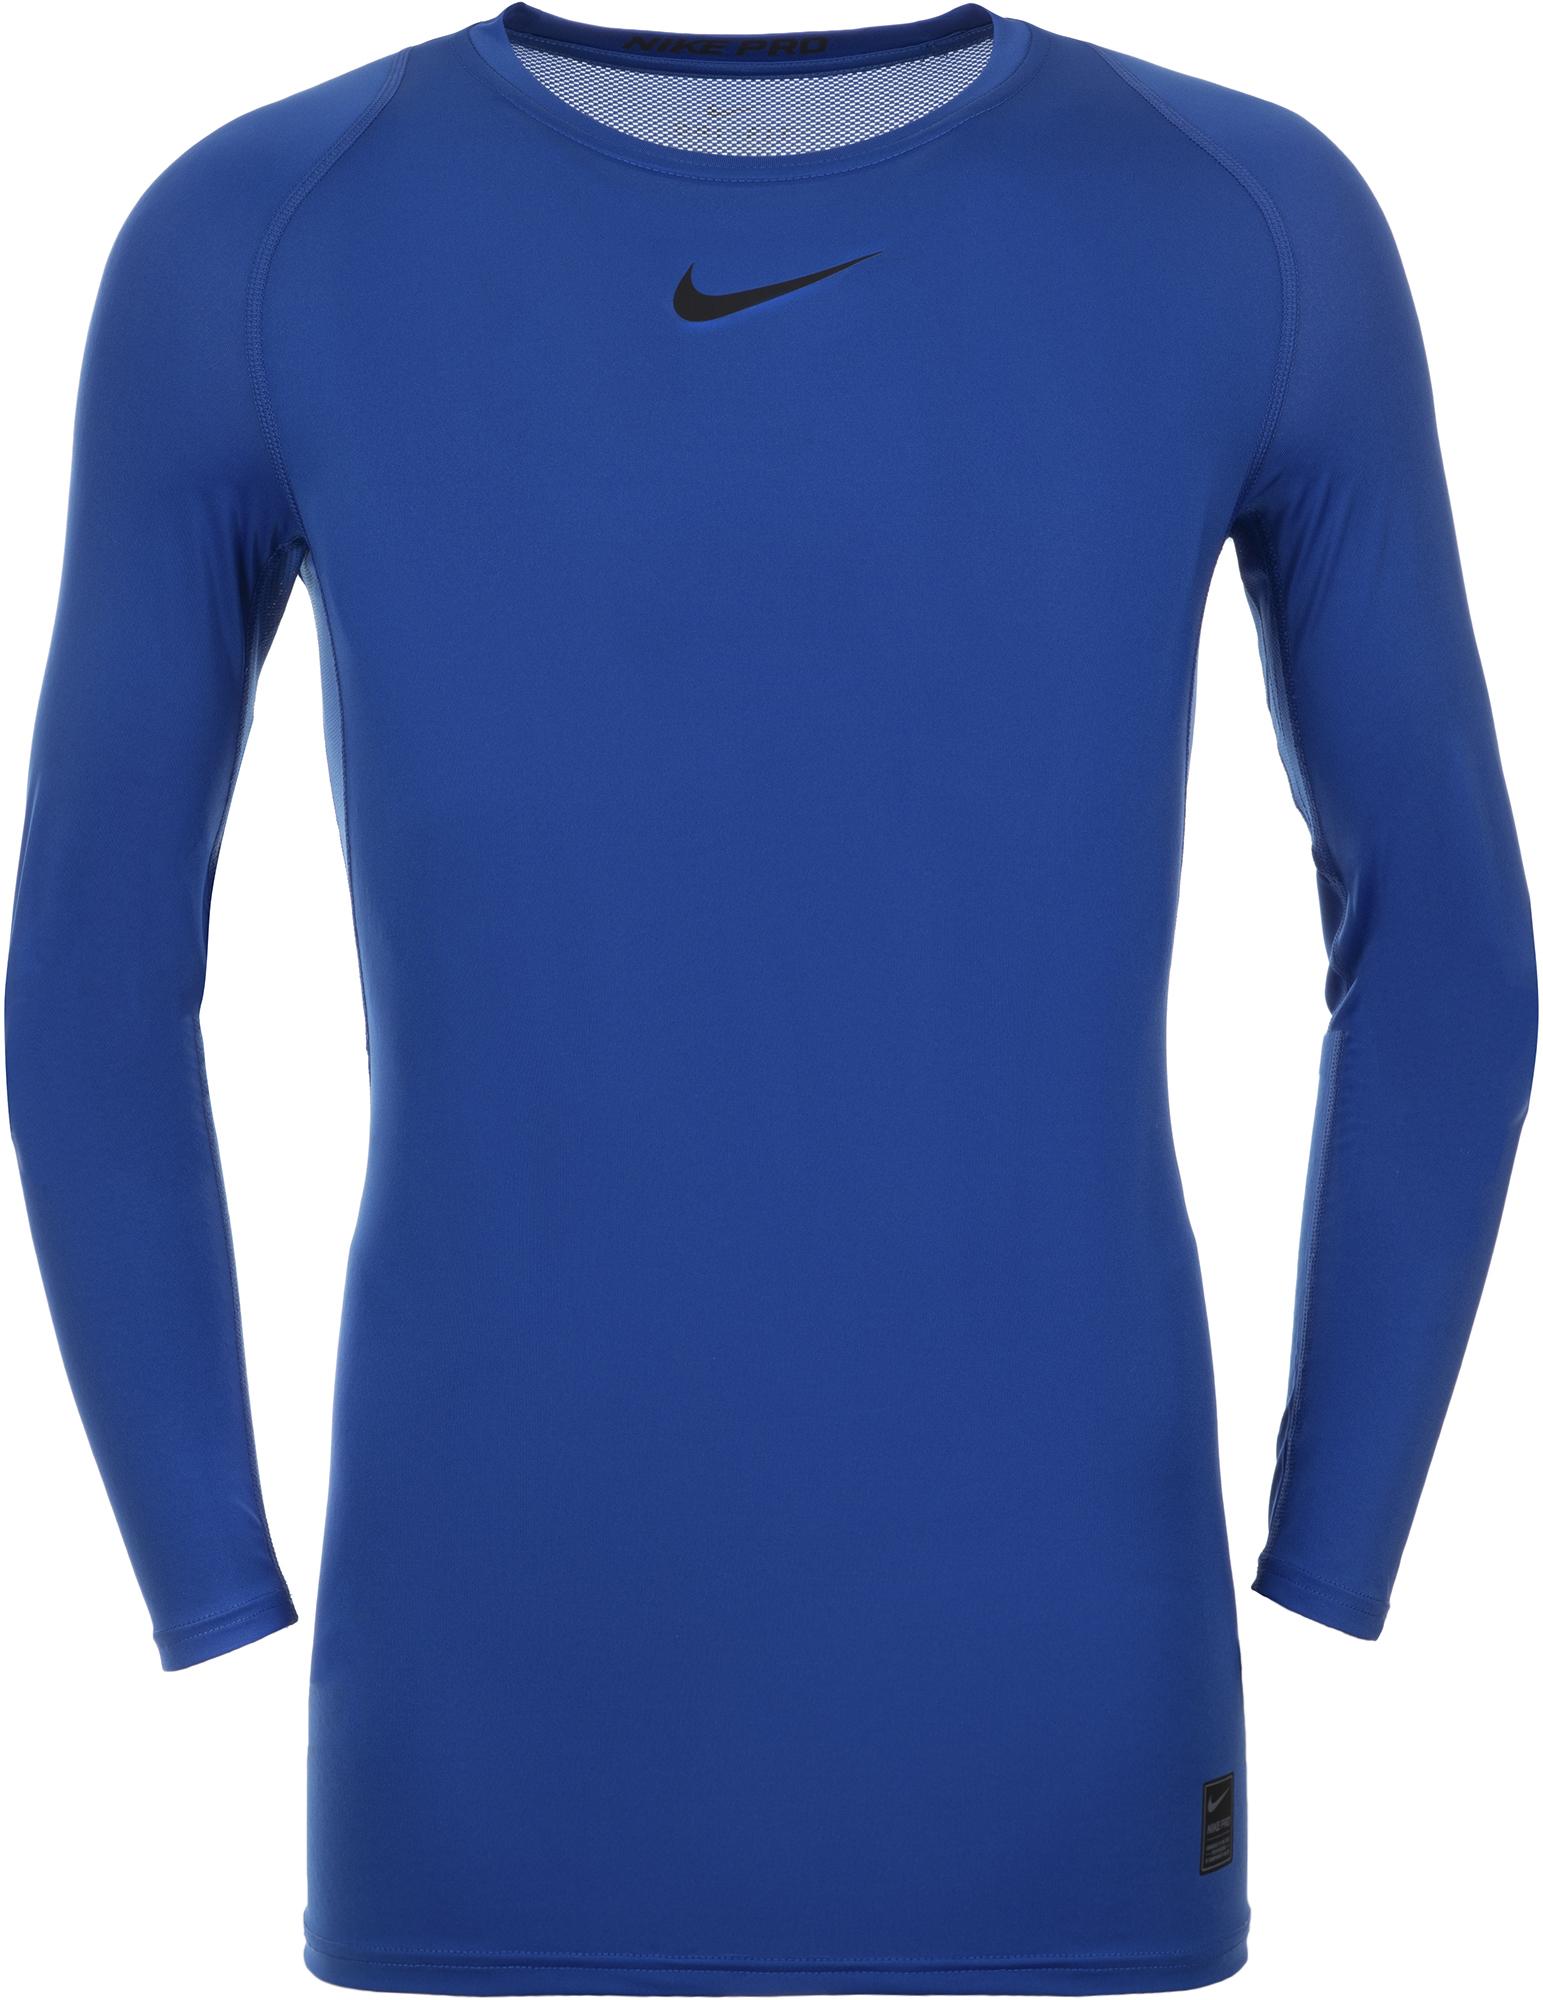 Nike Футболка с длинным рукавом мужская Nike Pro, размер 44-46 nike футболка мужская nike cool miler